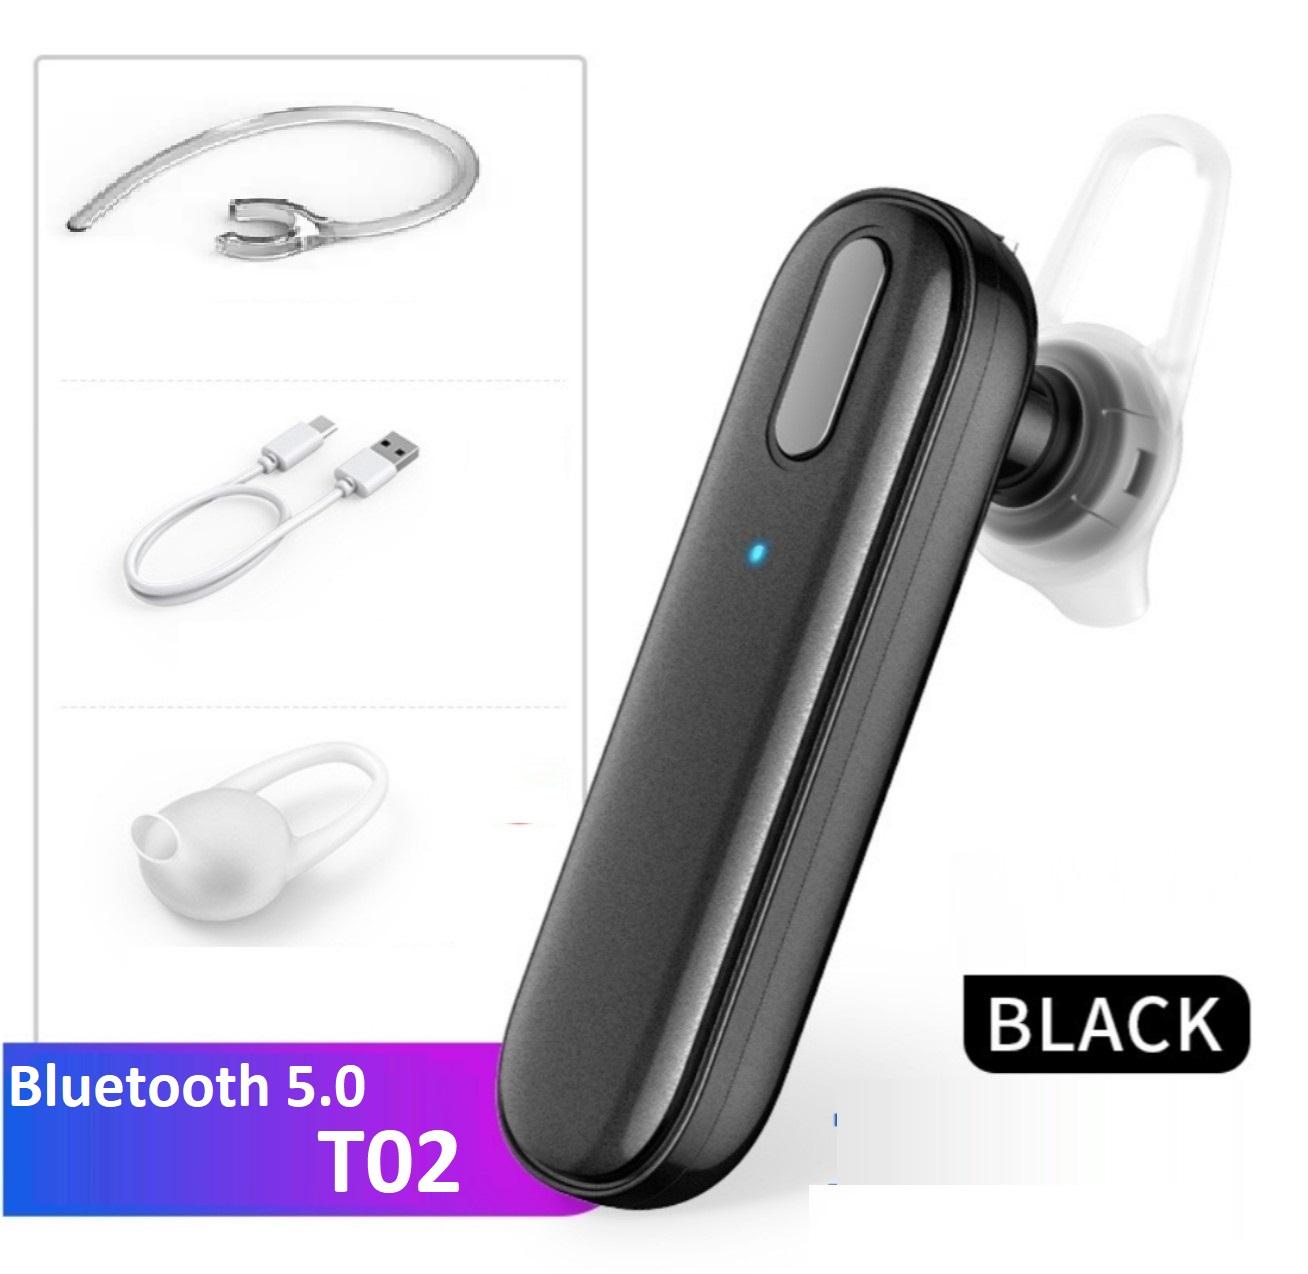 Tai nghe Bluetooth 5.0 kết nối 2 điện thoại, chức năng điều khiển giọng nói Siri, pin 300 mAh sử dụng liên tục từ 20 h - 40 h, sạc 2 giờ , thời gian chờ 365 ngày